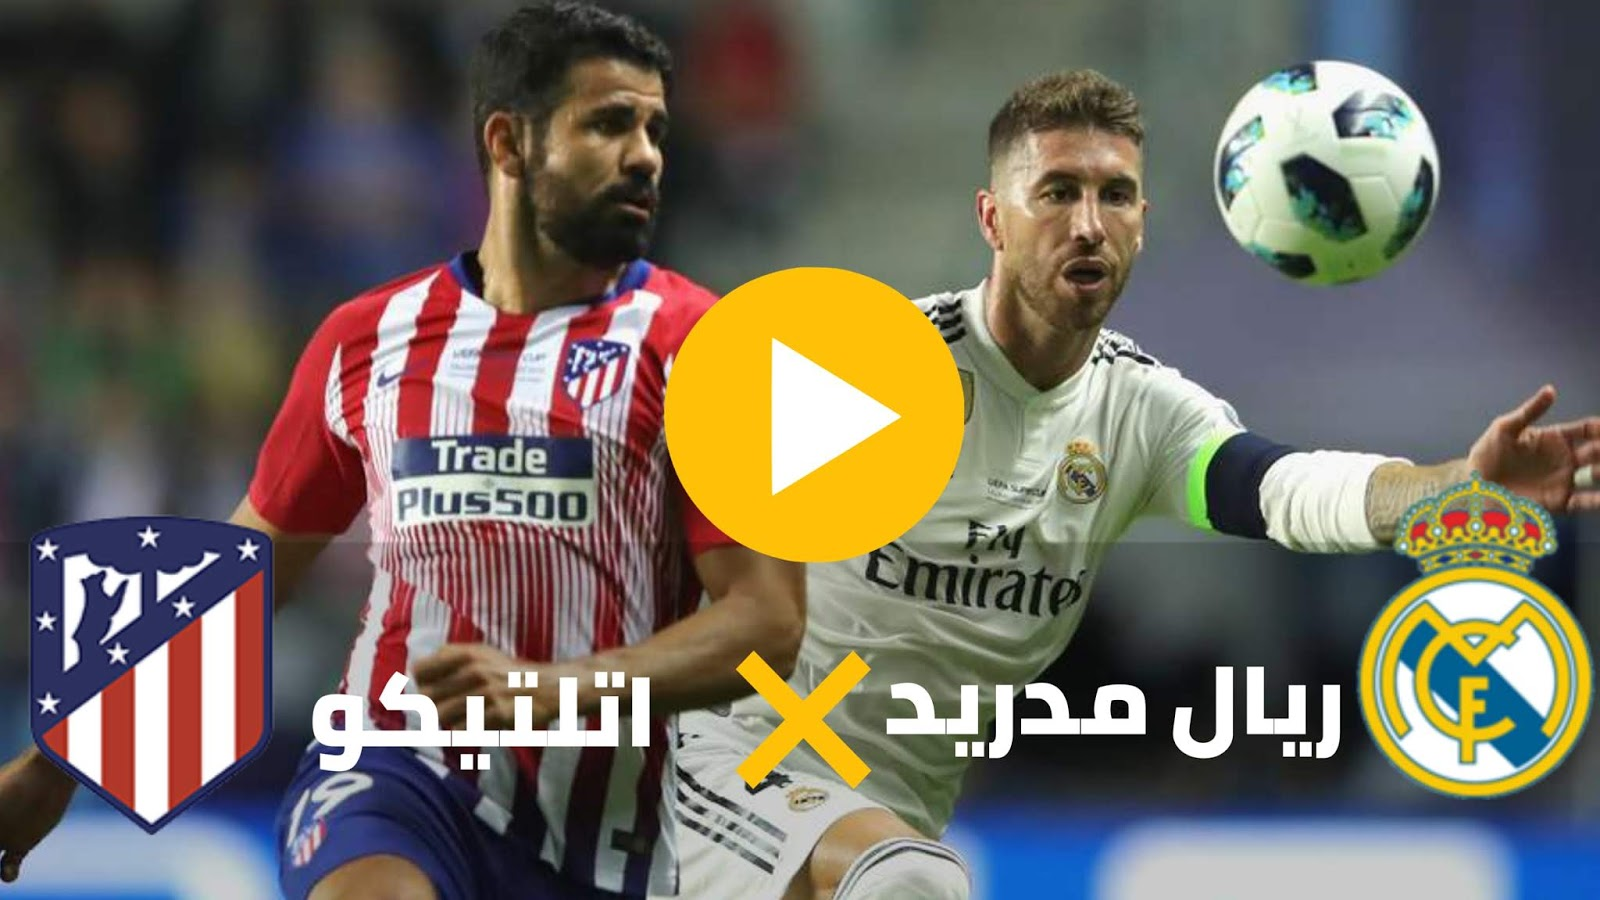 صور مباراة ريال مدريد ، اهداف ريال مدريد ، ملخص مباراة ريال مدريد